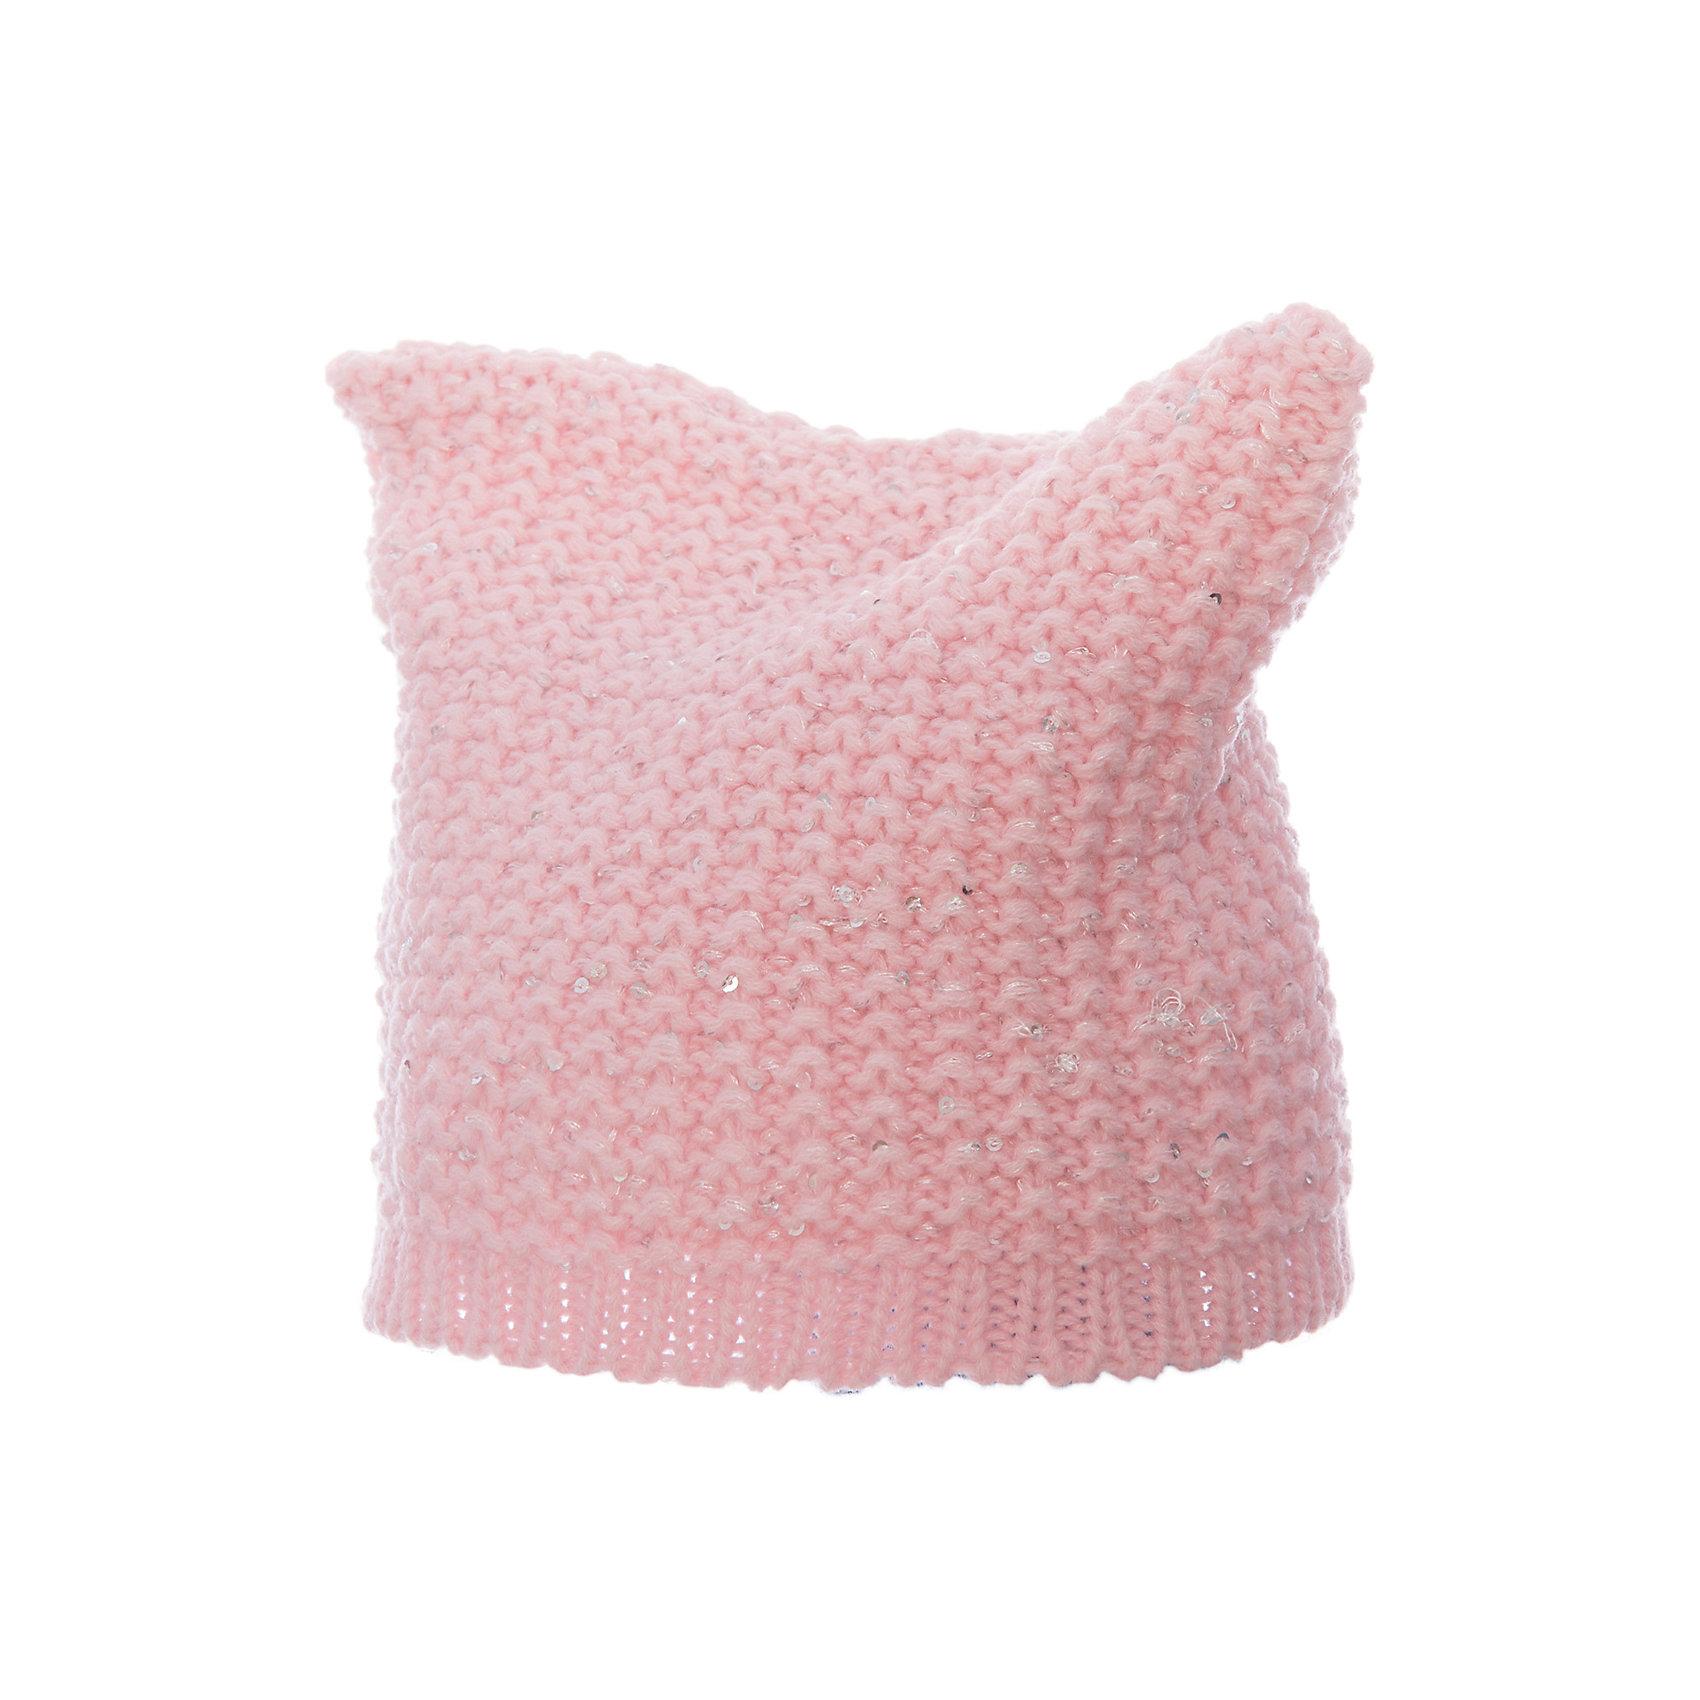 Шапка для девочки ScoolГоловные уборы<br>Шапка для девочки Scool – уютная и теплая вещь для зимних прогулок.<br>Теплая вязаная шапочка розового цвета отлично сочетается с любым пальто. Украшена она пайетками с серебристым отливом. Внутри есть подкладка, которая не только приятная коже, но и дополнительно защищает голову от ветра и мороза. Квадратная форма шапки создает «ушки». <br><br>Дополнительная информация:<br><br>- материал: 100% акрил, подкладка: 100% полиэстер<br>- цвет: розовый<br><br>Шапка для девочки Scool можно купить в нашем интернет магазине.<br><br>Ширина мм: 89<br>Глубина мм: 117<br>Высота мм: 44<br>Вес г: 155<br>Цвет: розовый<br>Возраст от месяцев: 72<br>Возраст до месяцев: 84<br>Пол: Женский<br>Возраст: Детский<br>Размер: 54,56<br>SKU: 4911934